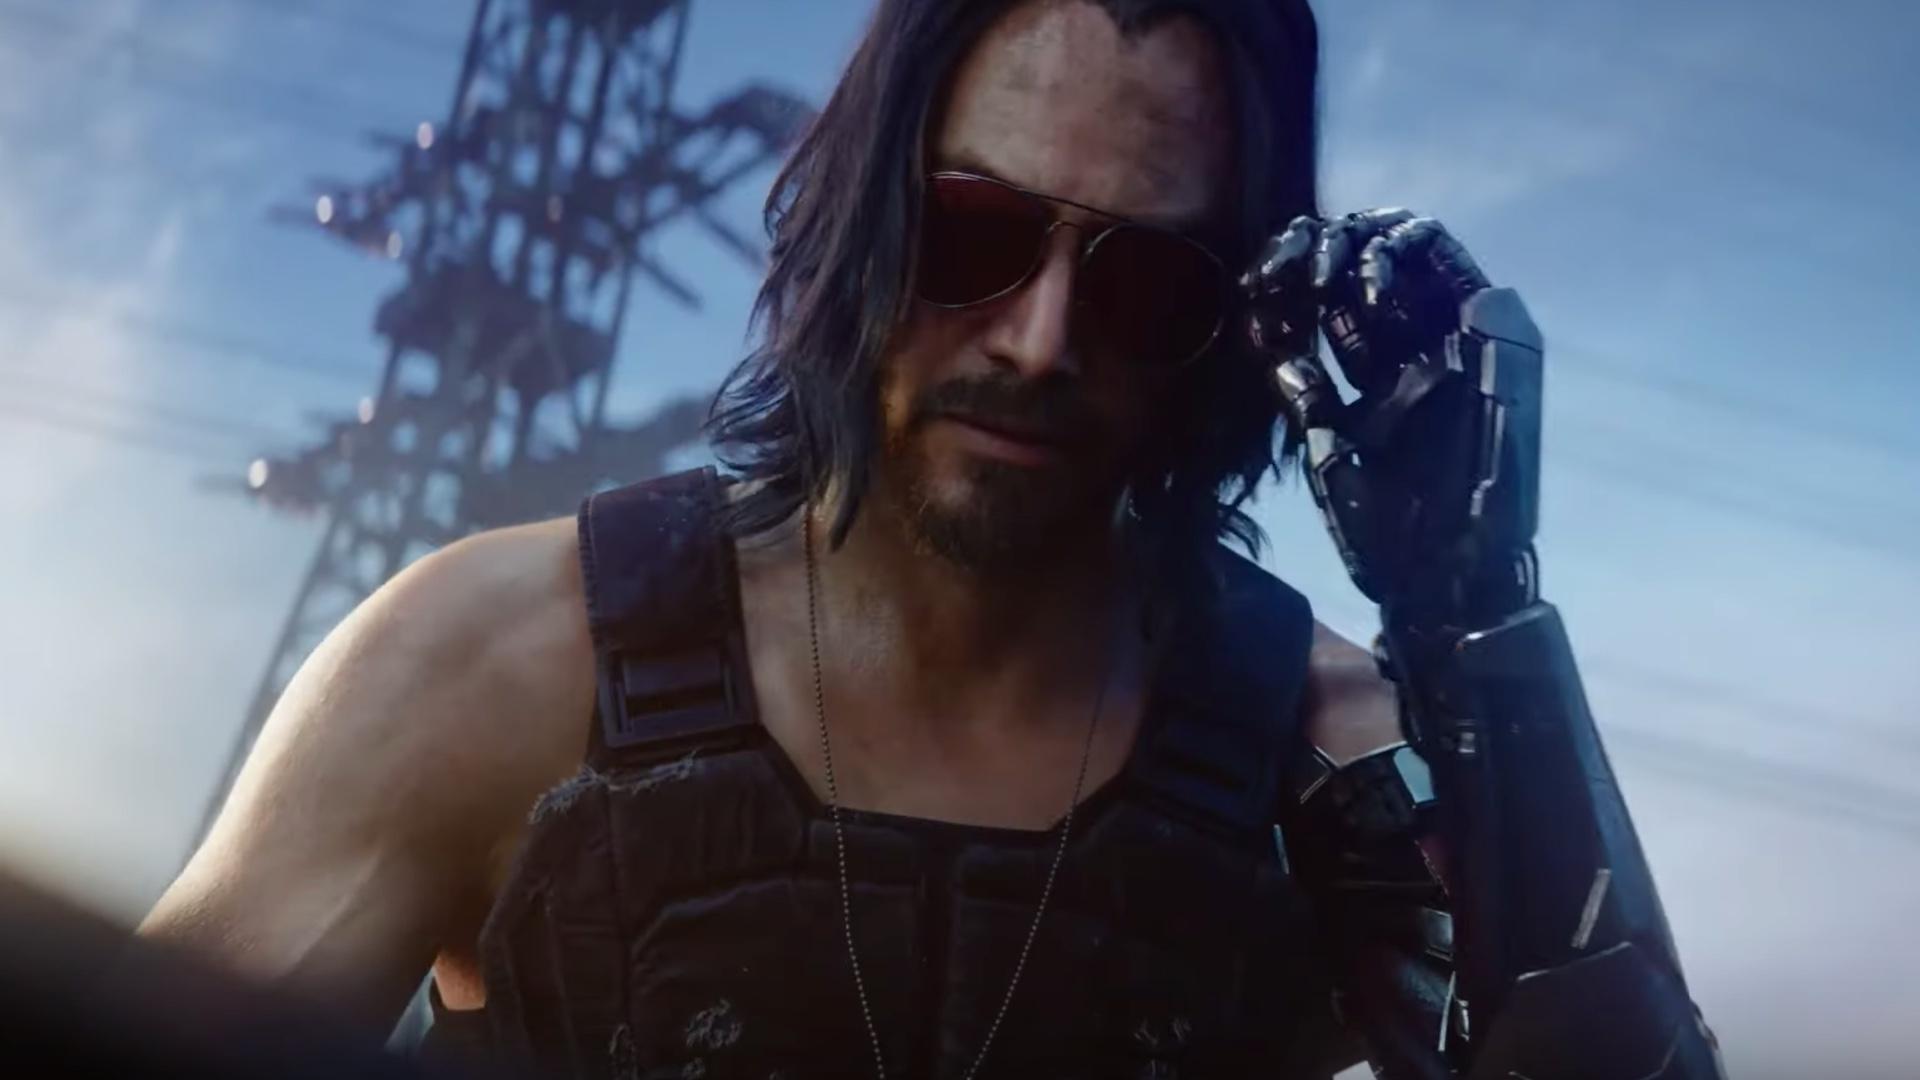 احتمال حضور یک بازیگر هالیوودی دیگر در بازی Cyberpunk 2077